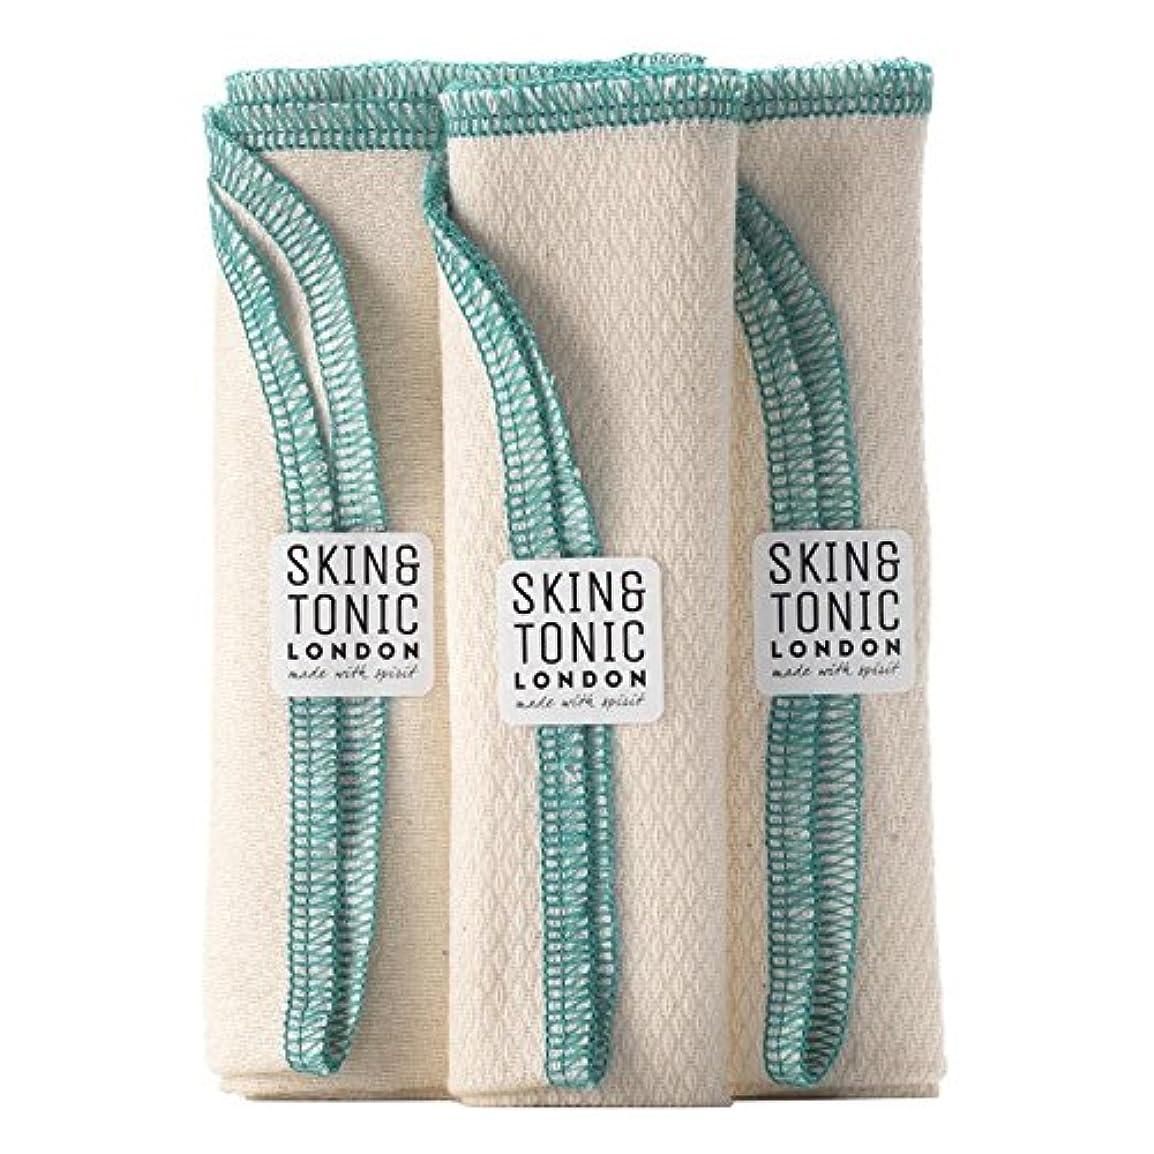 課税尋ねる天国Skin & Tonic London Organic Cotton Cloth - スキン&トニックロンドンオーガニックコットン生地 [並行輸入品]